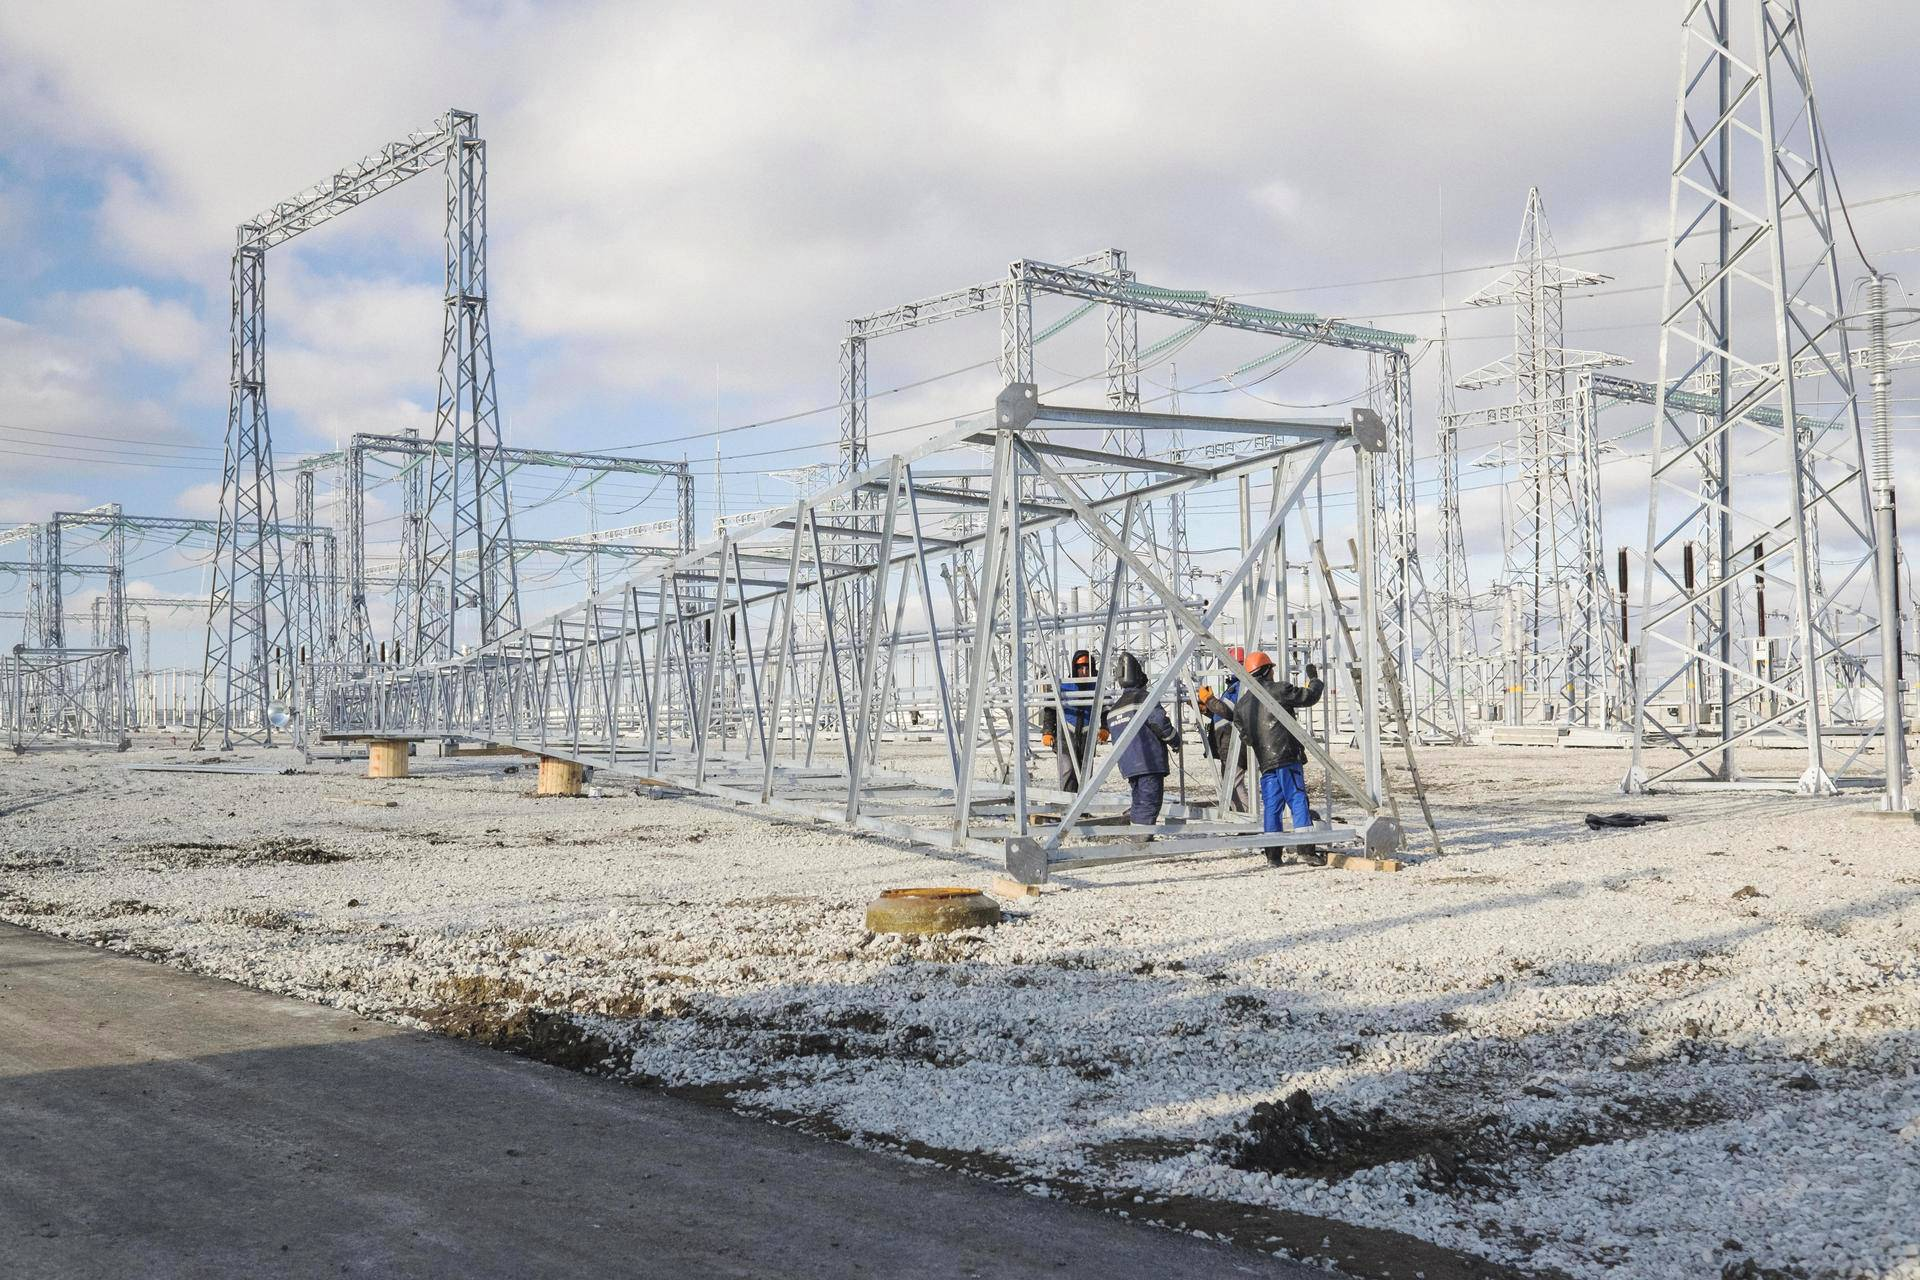 Baškirialaiset työmiehet pystyttivät keskiviikkona uutta sähköasemaa Feodosian luoteispuolella Krimillä.